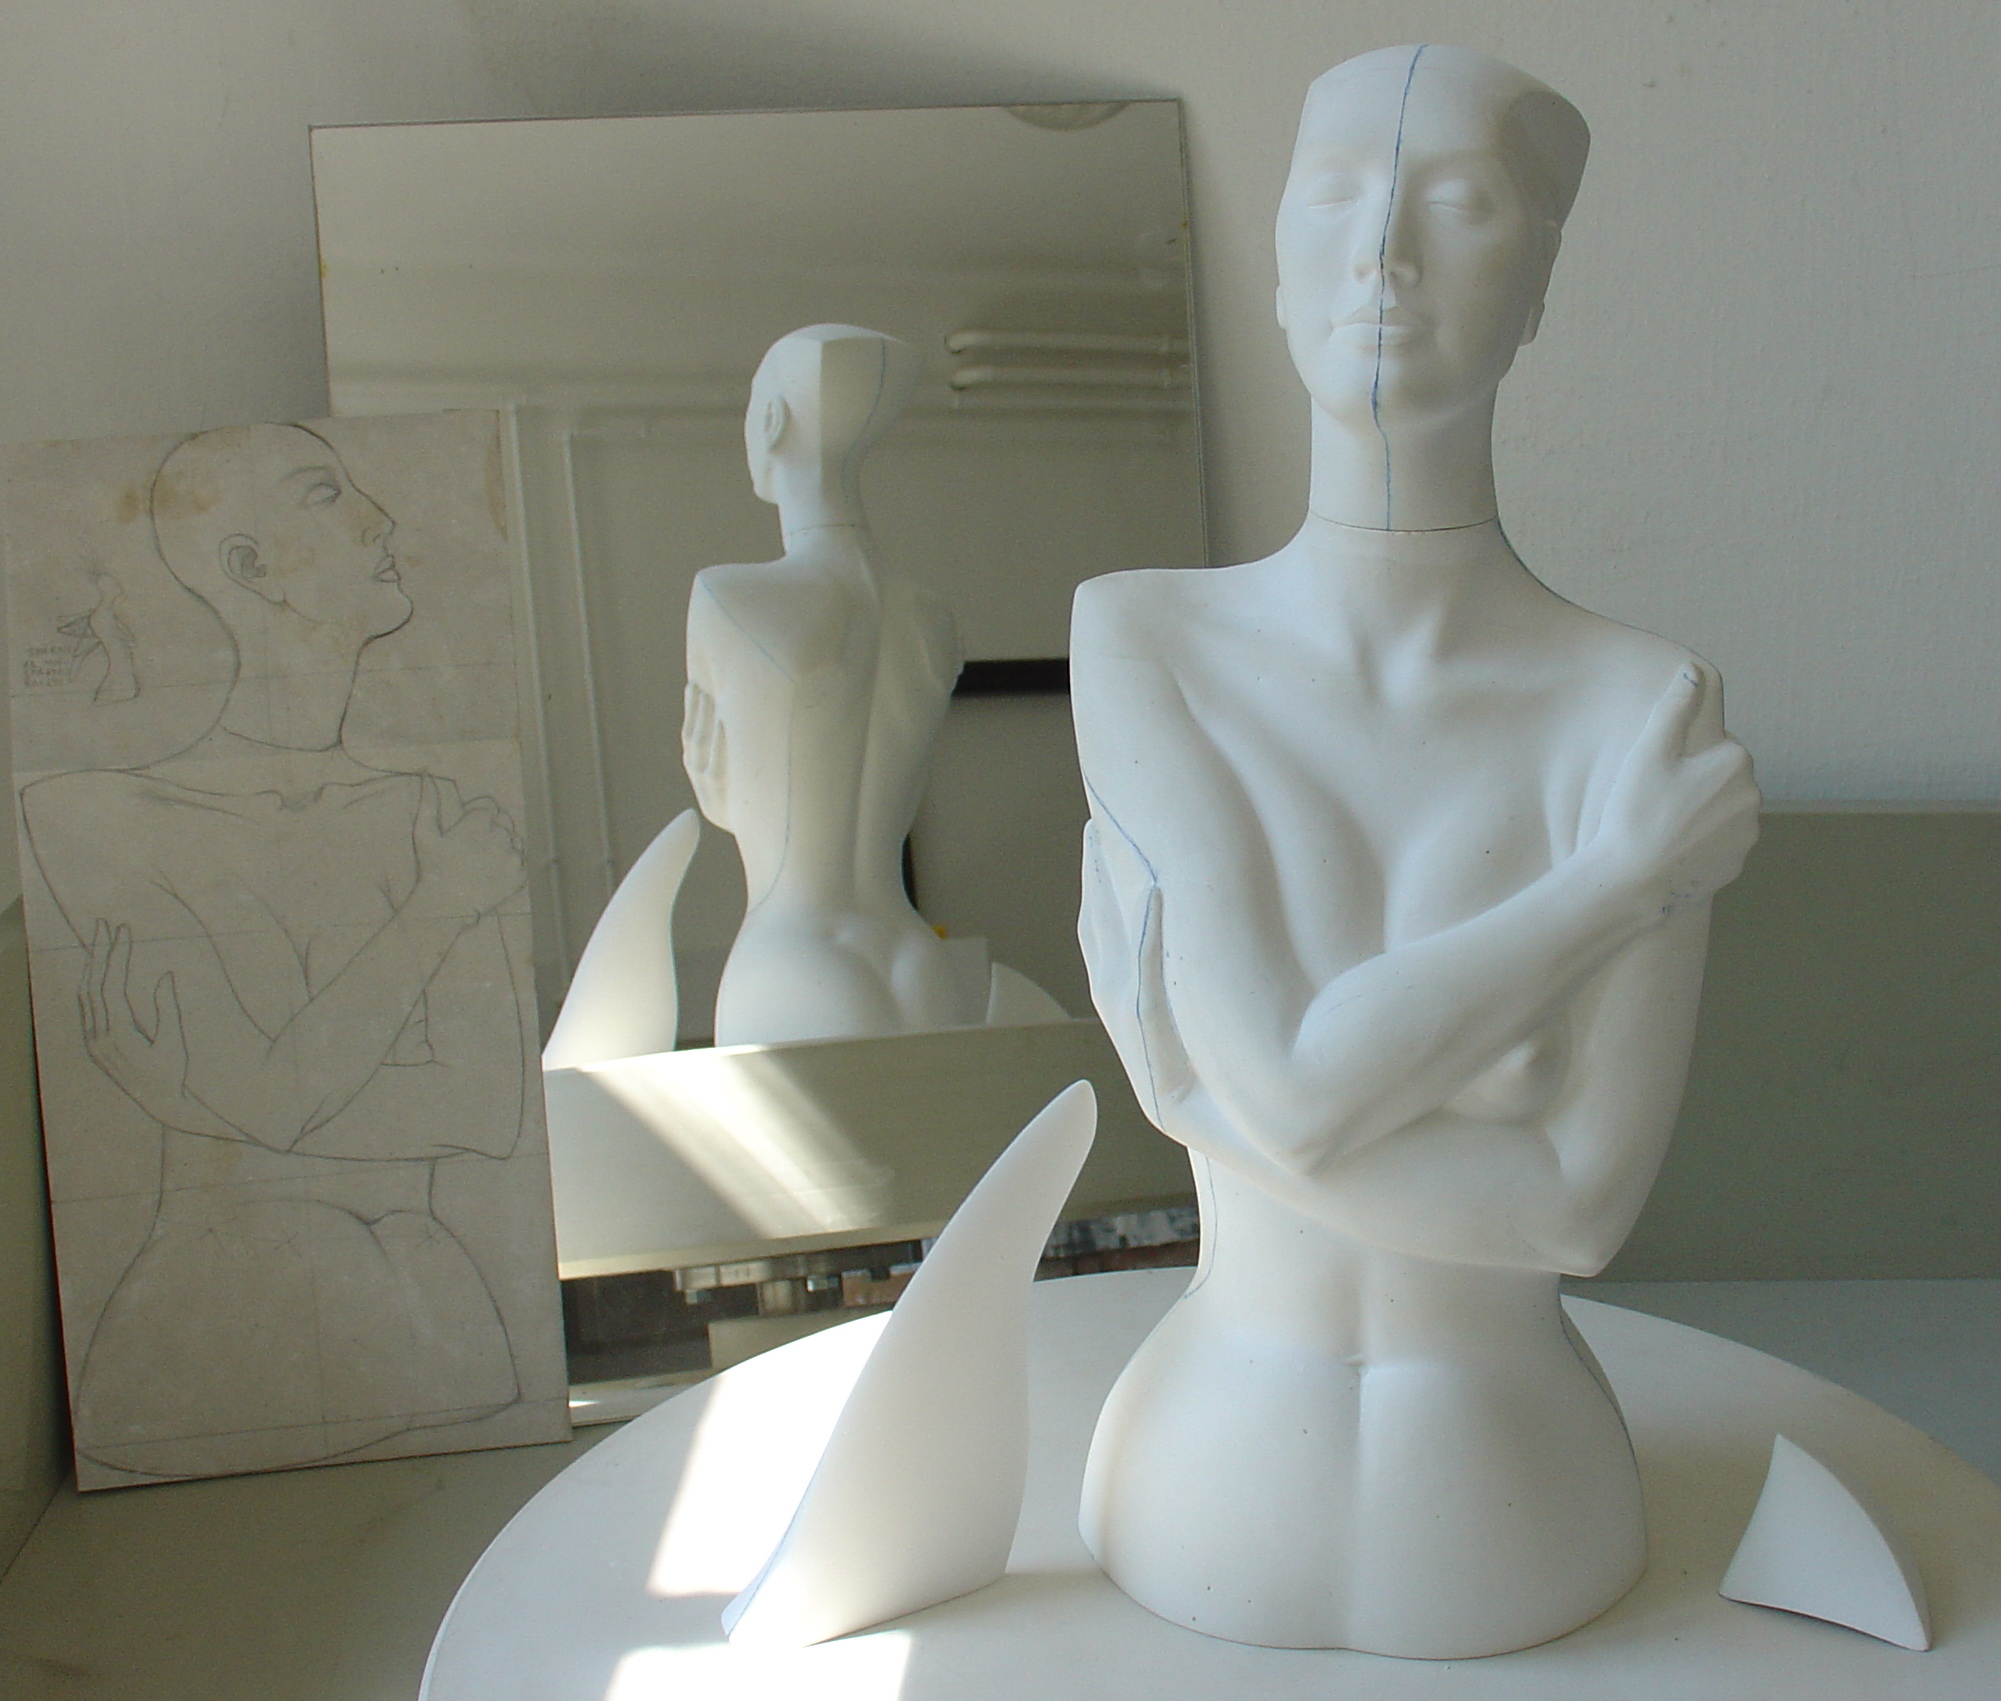 076. plaster models (2005)